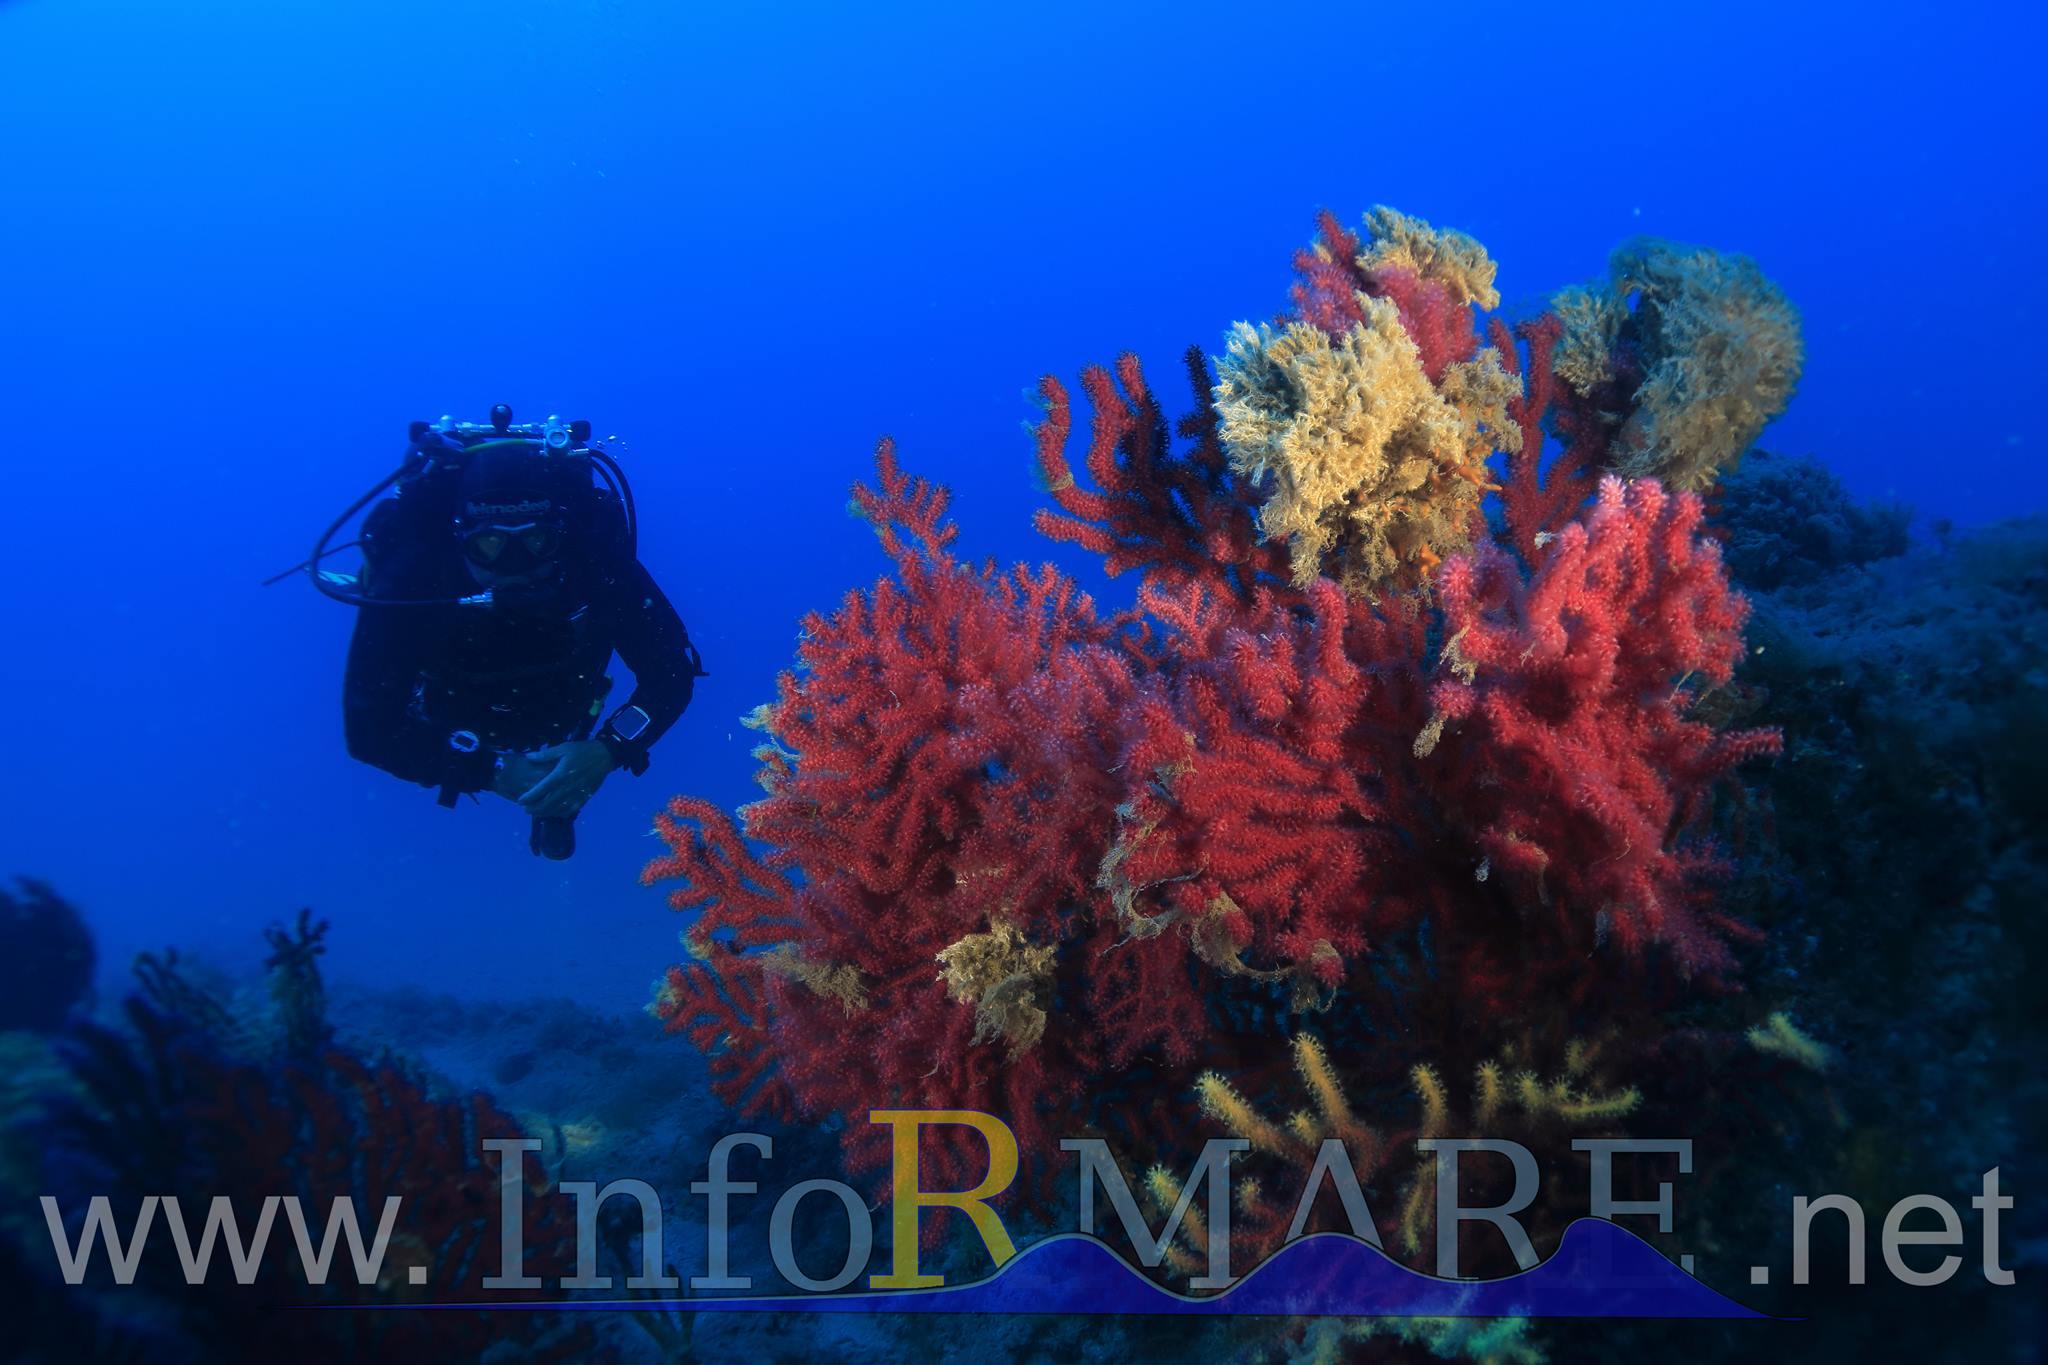 Giovedì 24 agosto una serata speciale con video e foto delle meraviglie sommerse del Ponente ligure